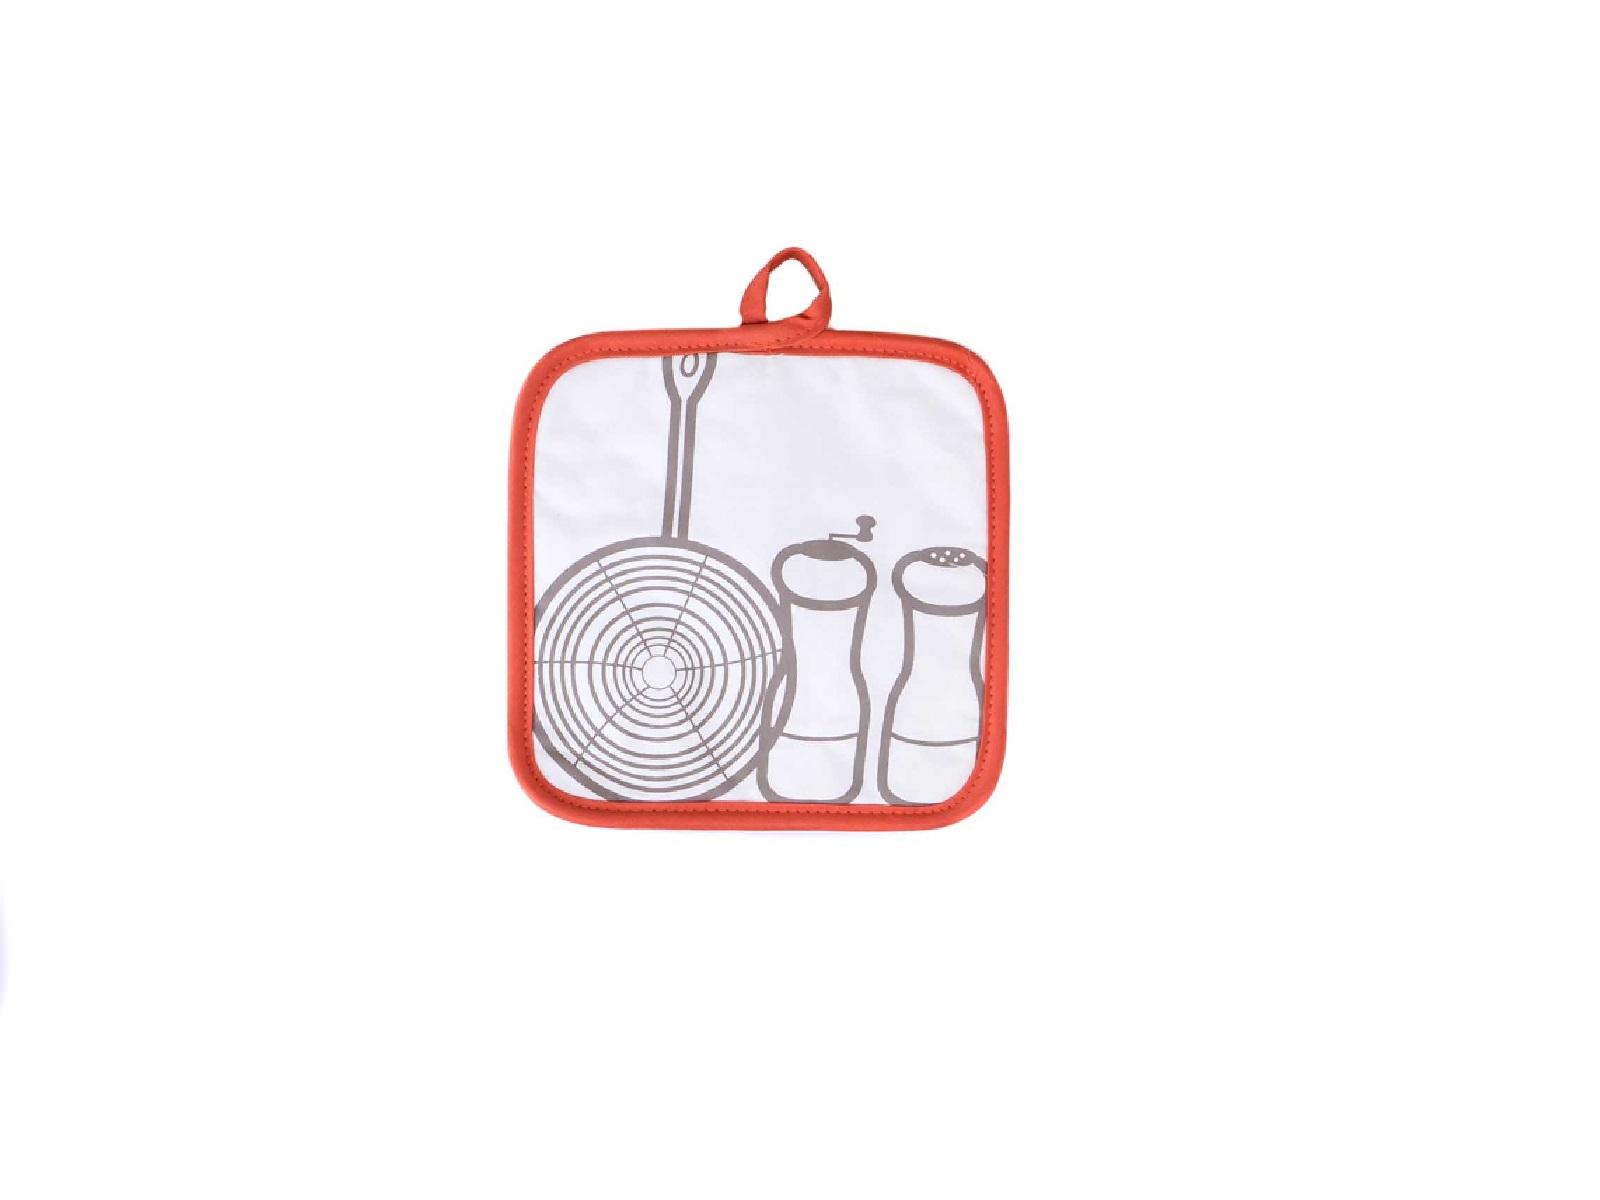 Прихватка кухонная Winkler FANTASY ORANGE, 20х20 см, белый с оранжевой окантовкой Winkler 5075734000 фото 1